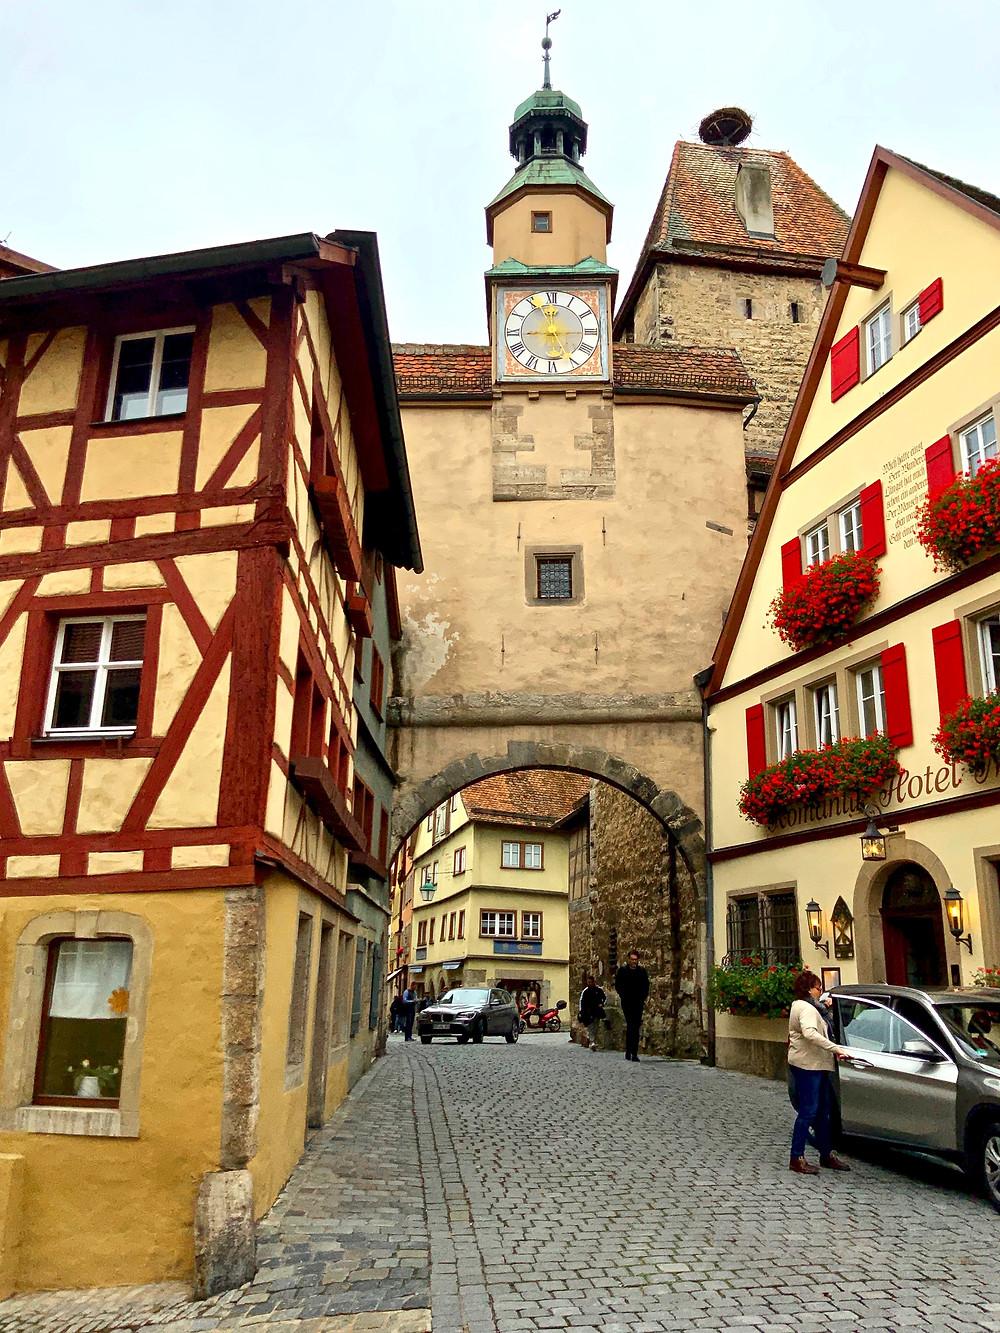 Markustrum Tower in Rothenburg ob der Tauber